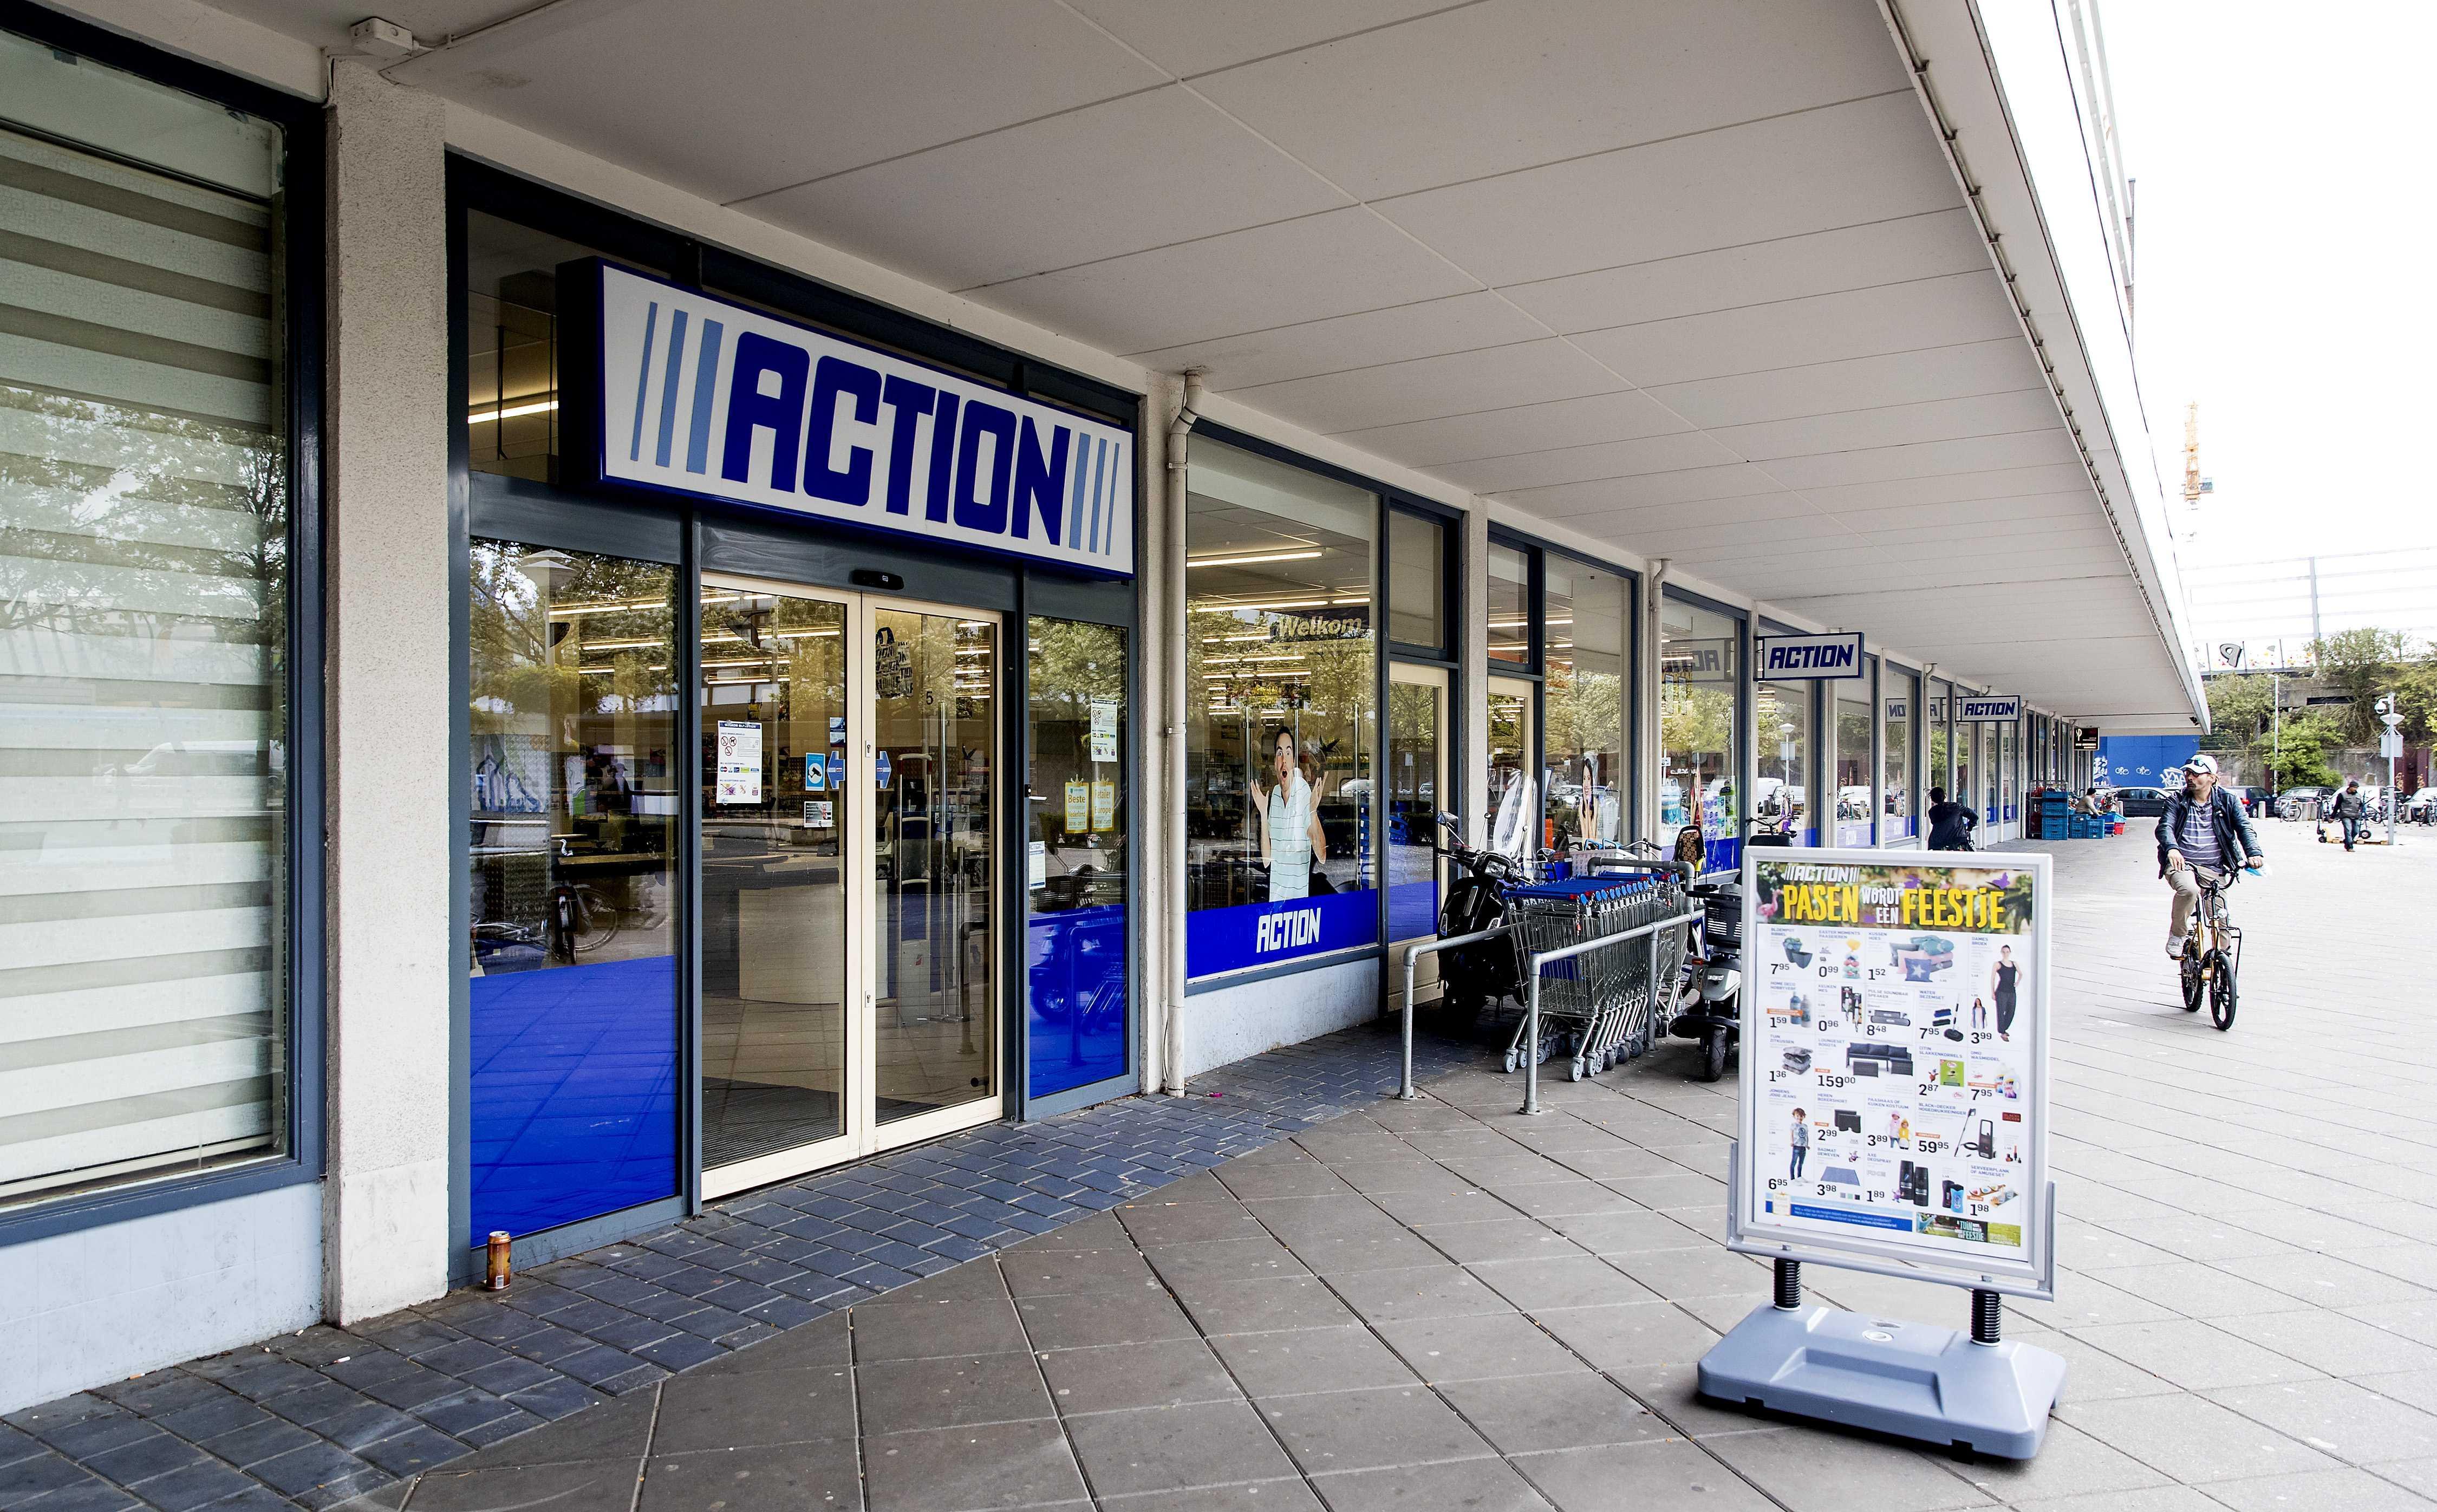 Kabinet scherpt regels voor winkels tijdens lockdown aan; HEMA sluit alle winkels